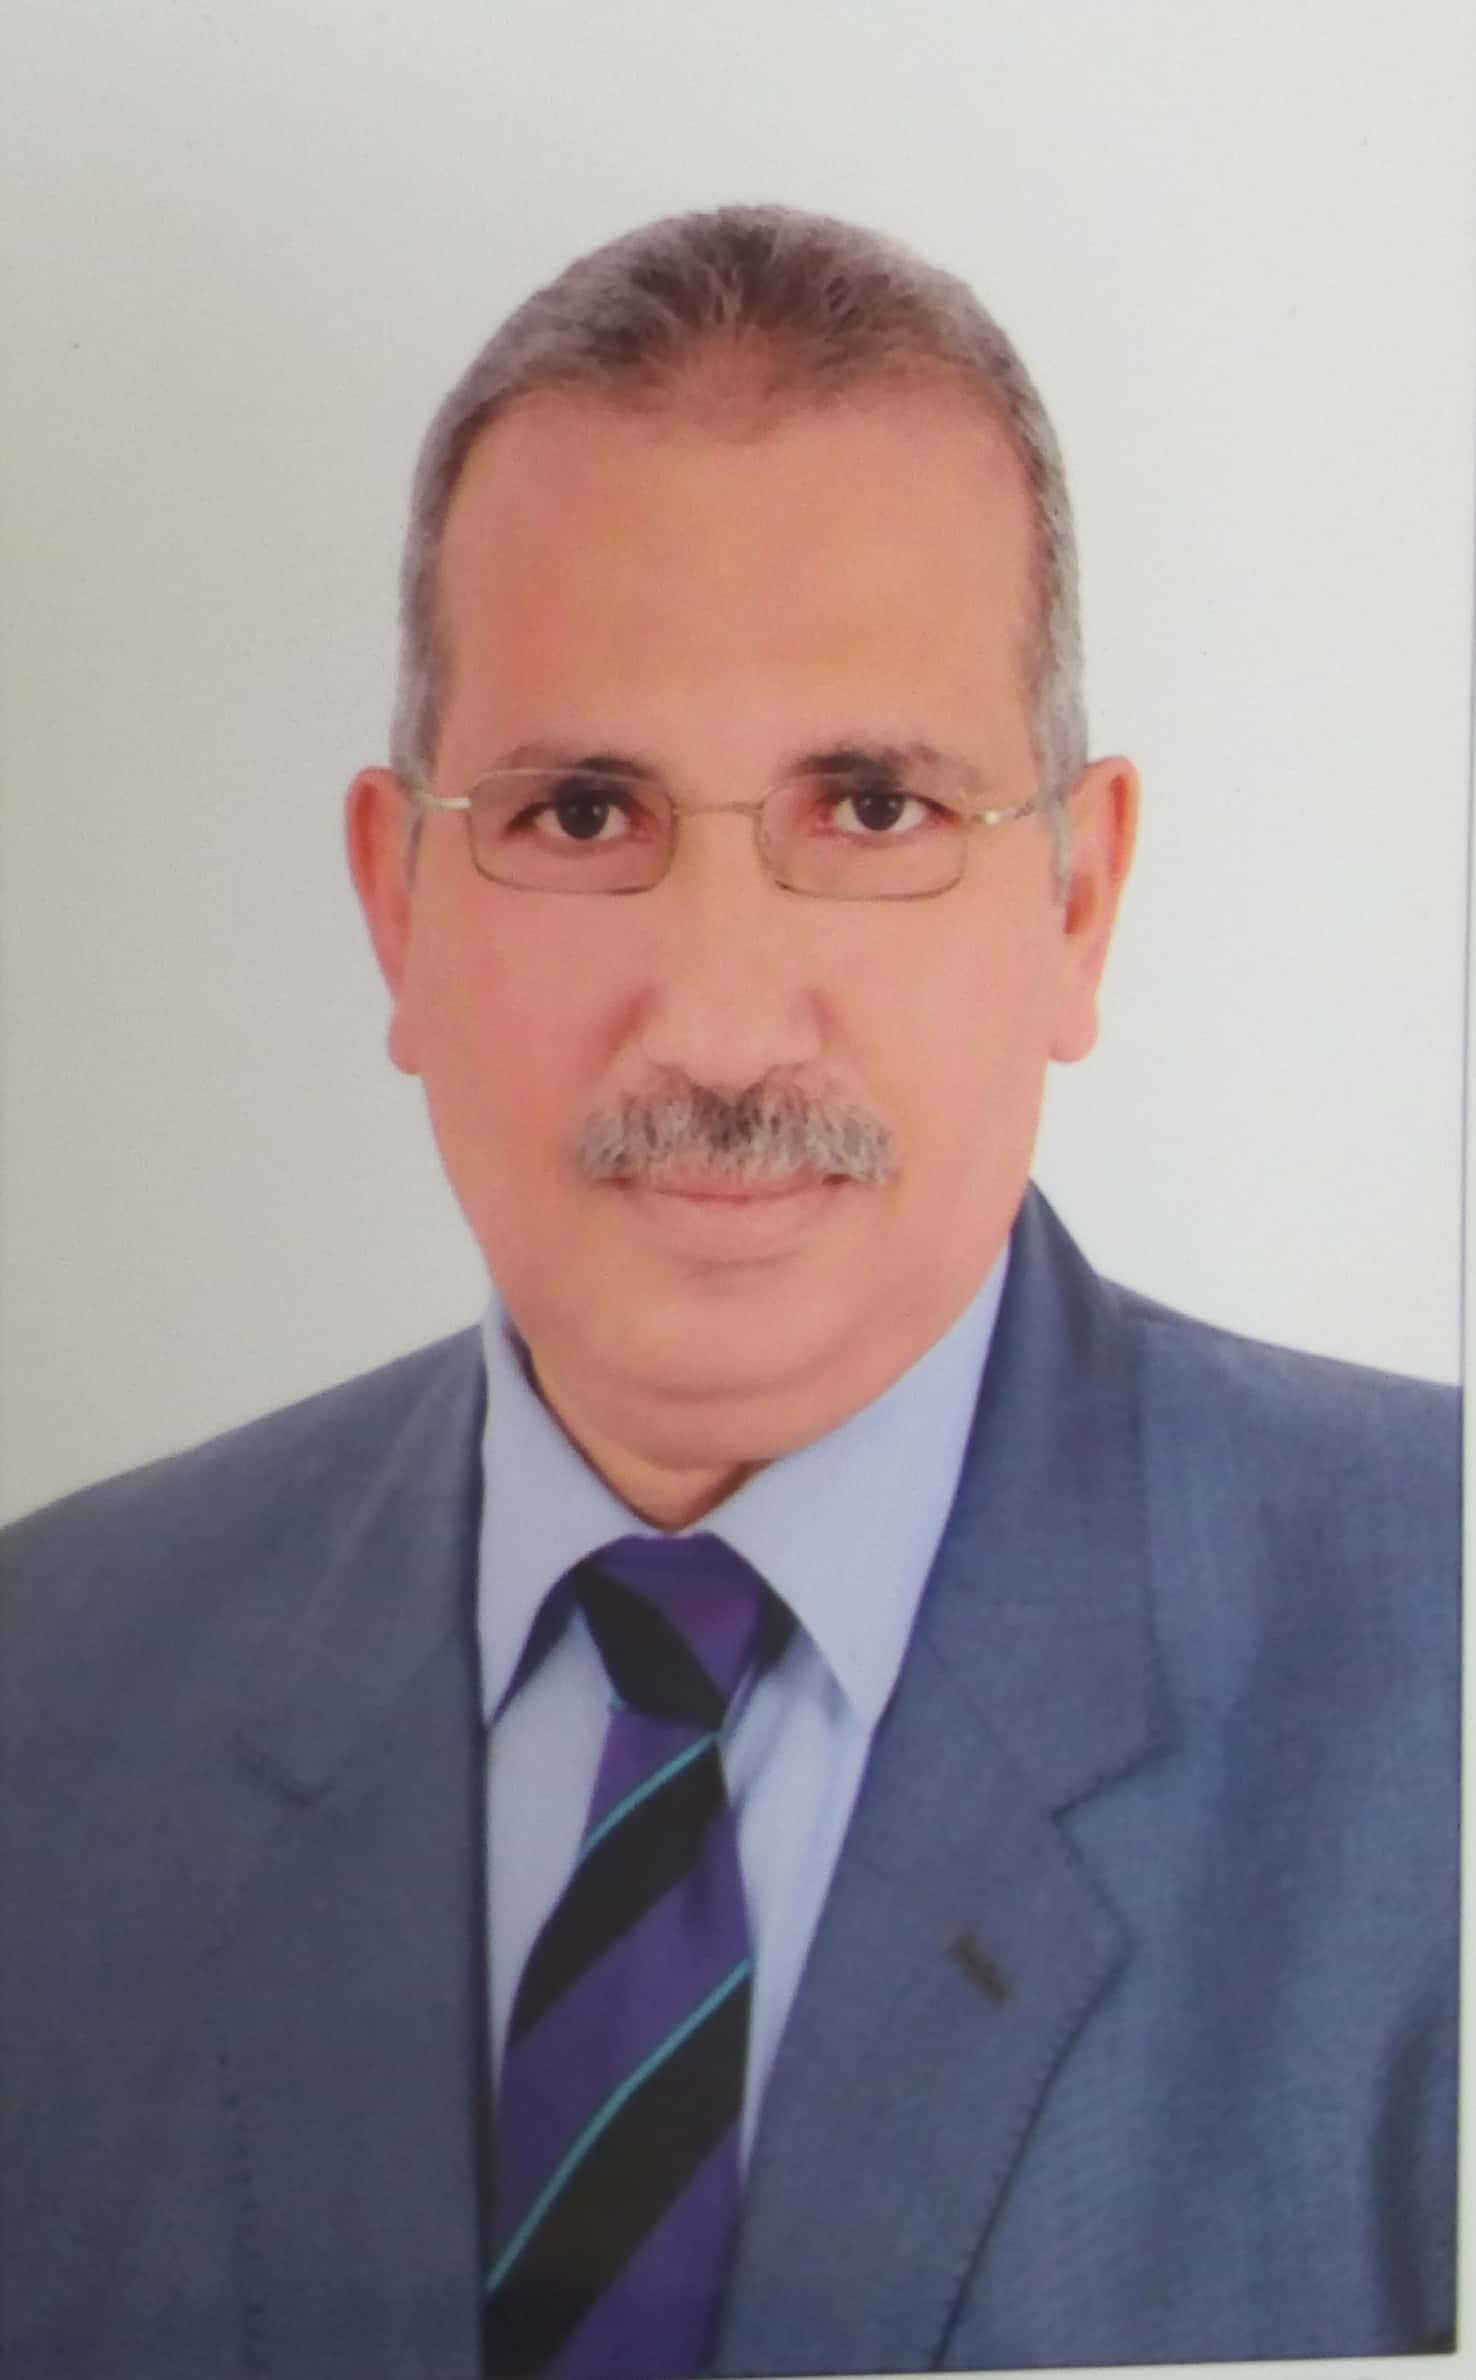 حجم انفاق المصريين علي المزاج